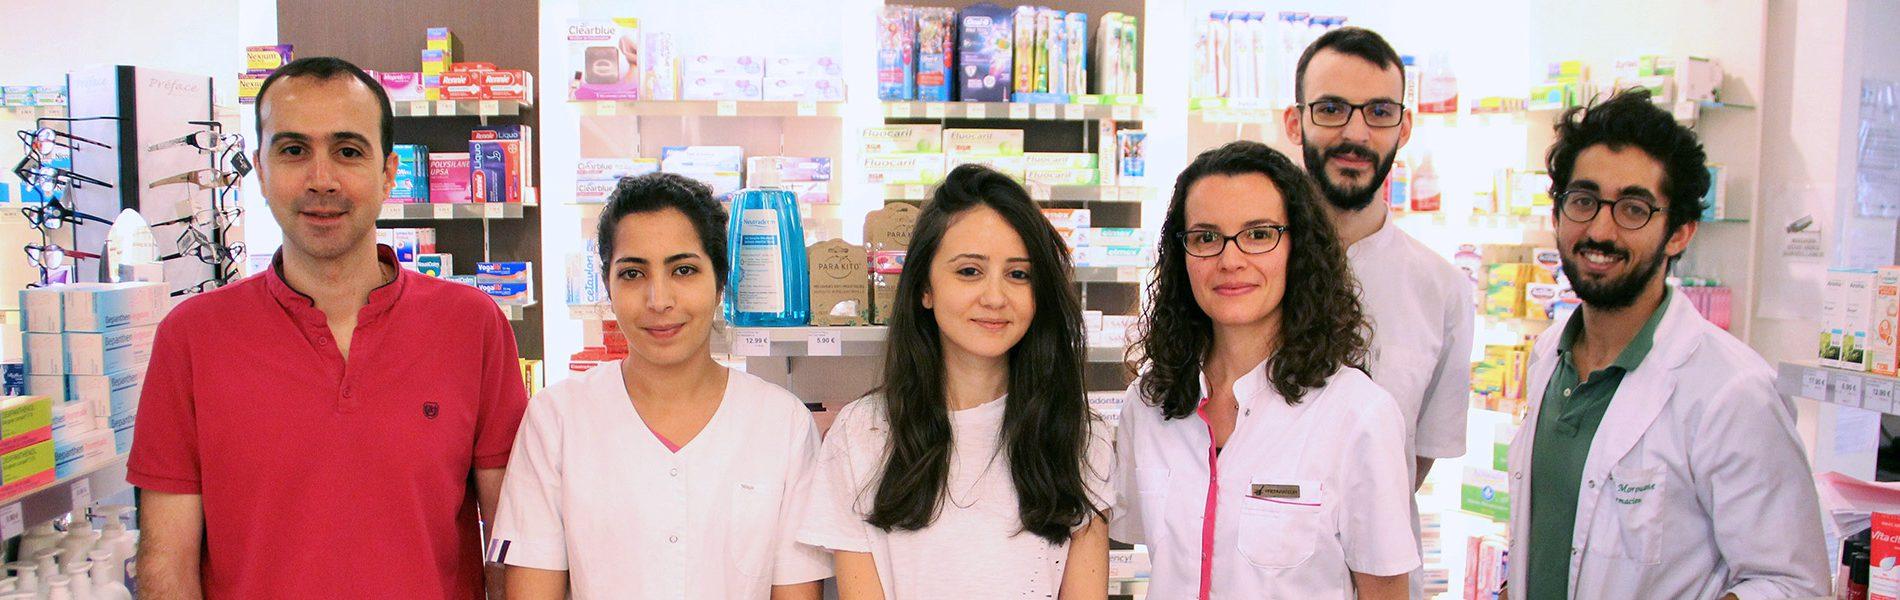 Pharmacie DE LA PLACE DE LA VICTOIRE - Image Homepage 2